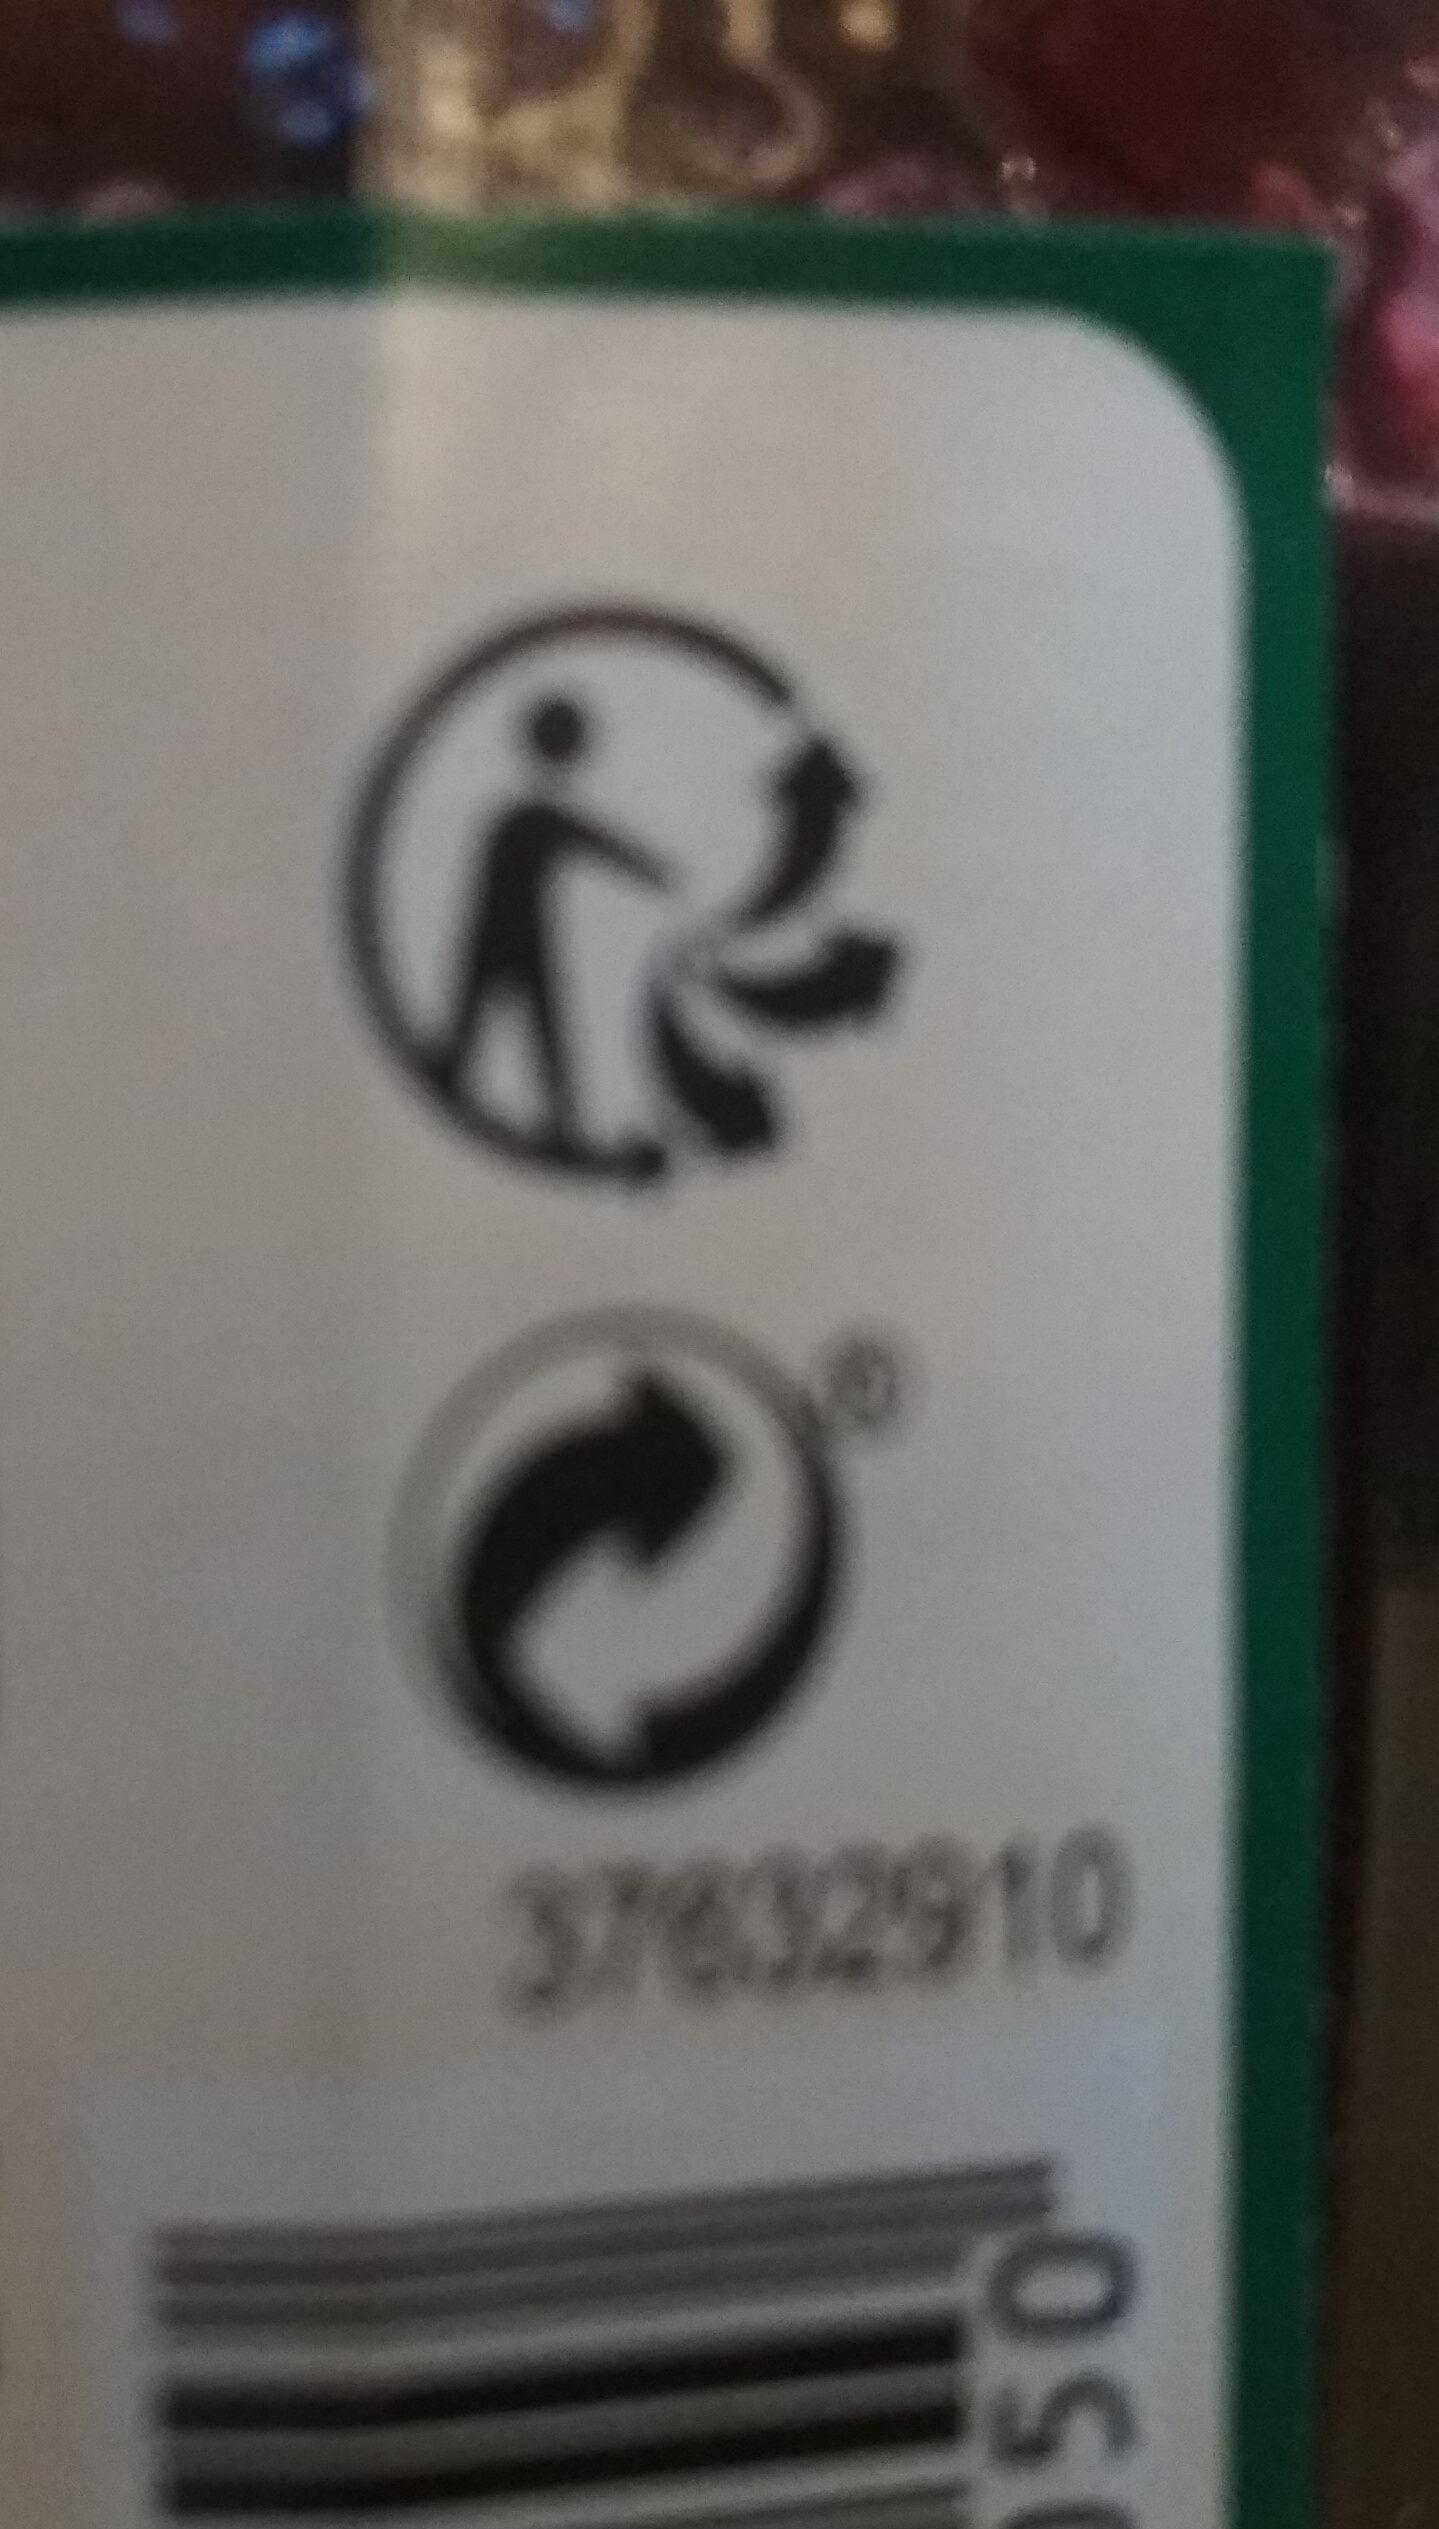 Confiture Myrtille - Instruction de recyclage et/ou informations d'emballage - fr